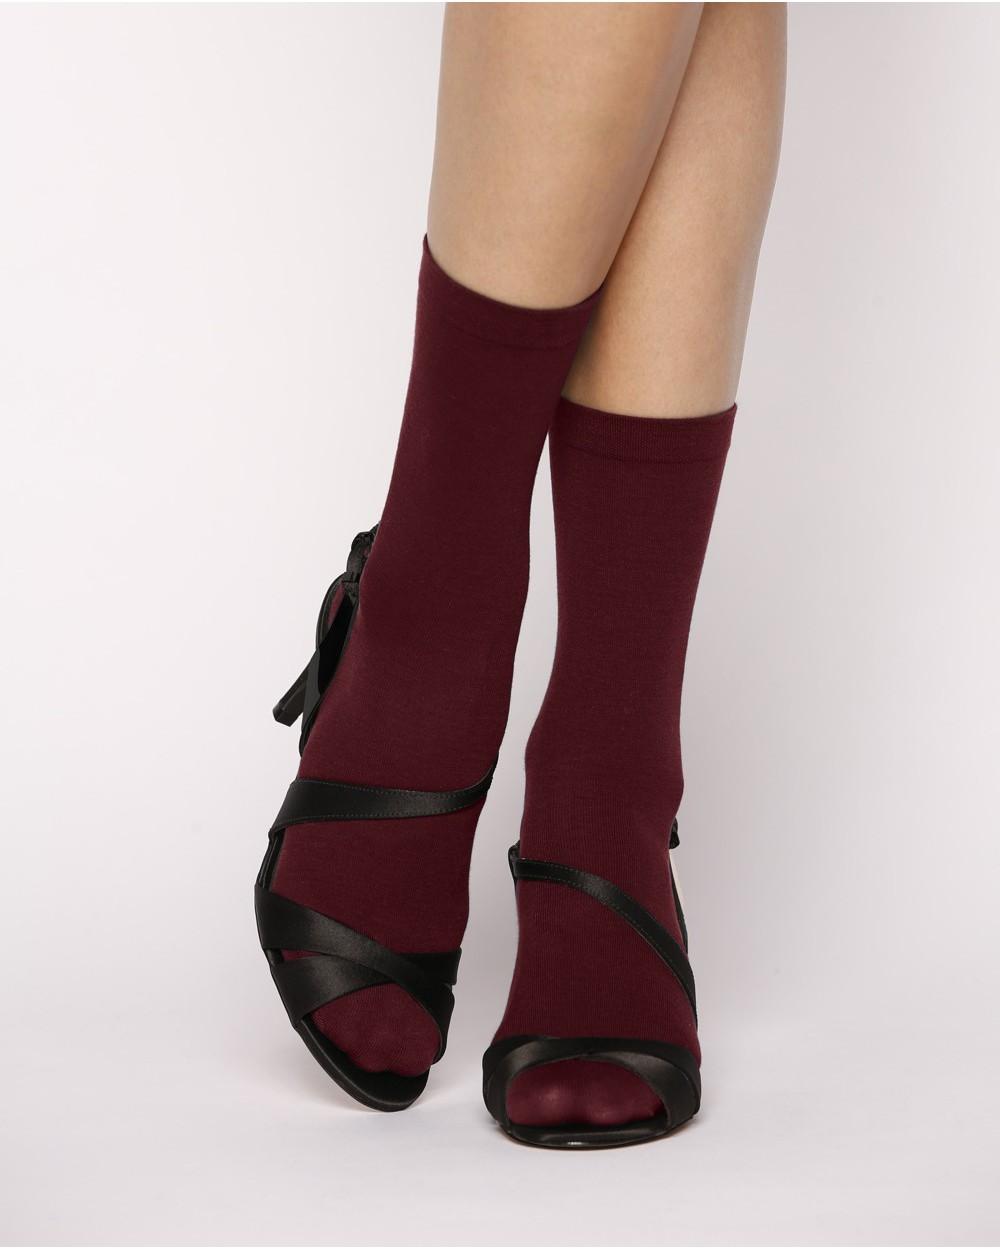 chaussettes fines 100 coton chaussettes unies femmes bleufor t. Black Bedroom Furniture Sets. Home Design Ideas